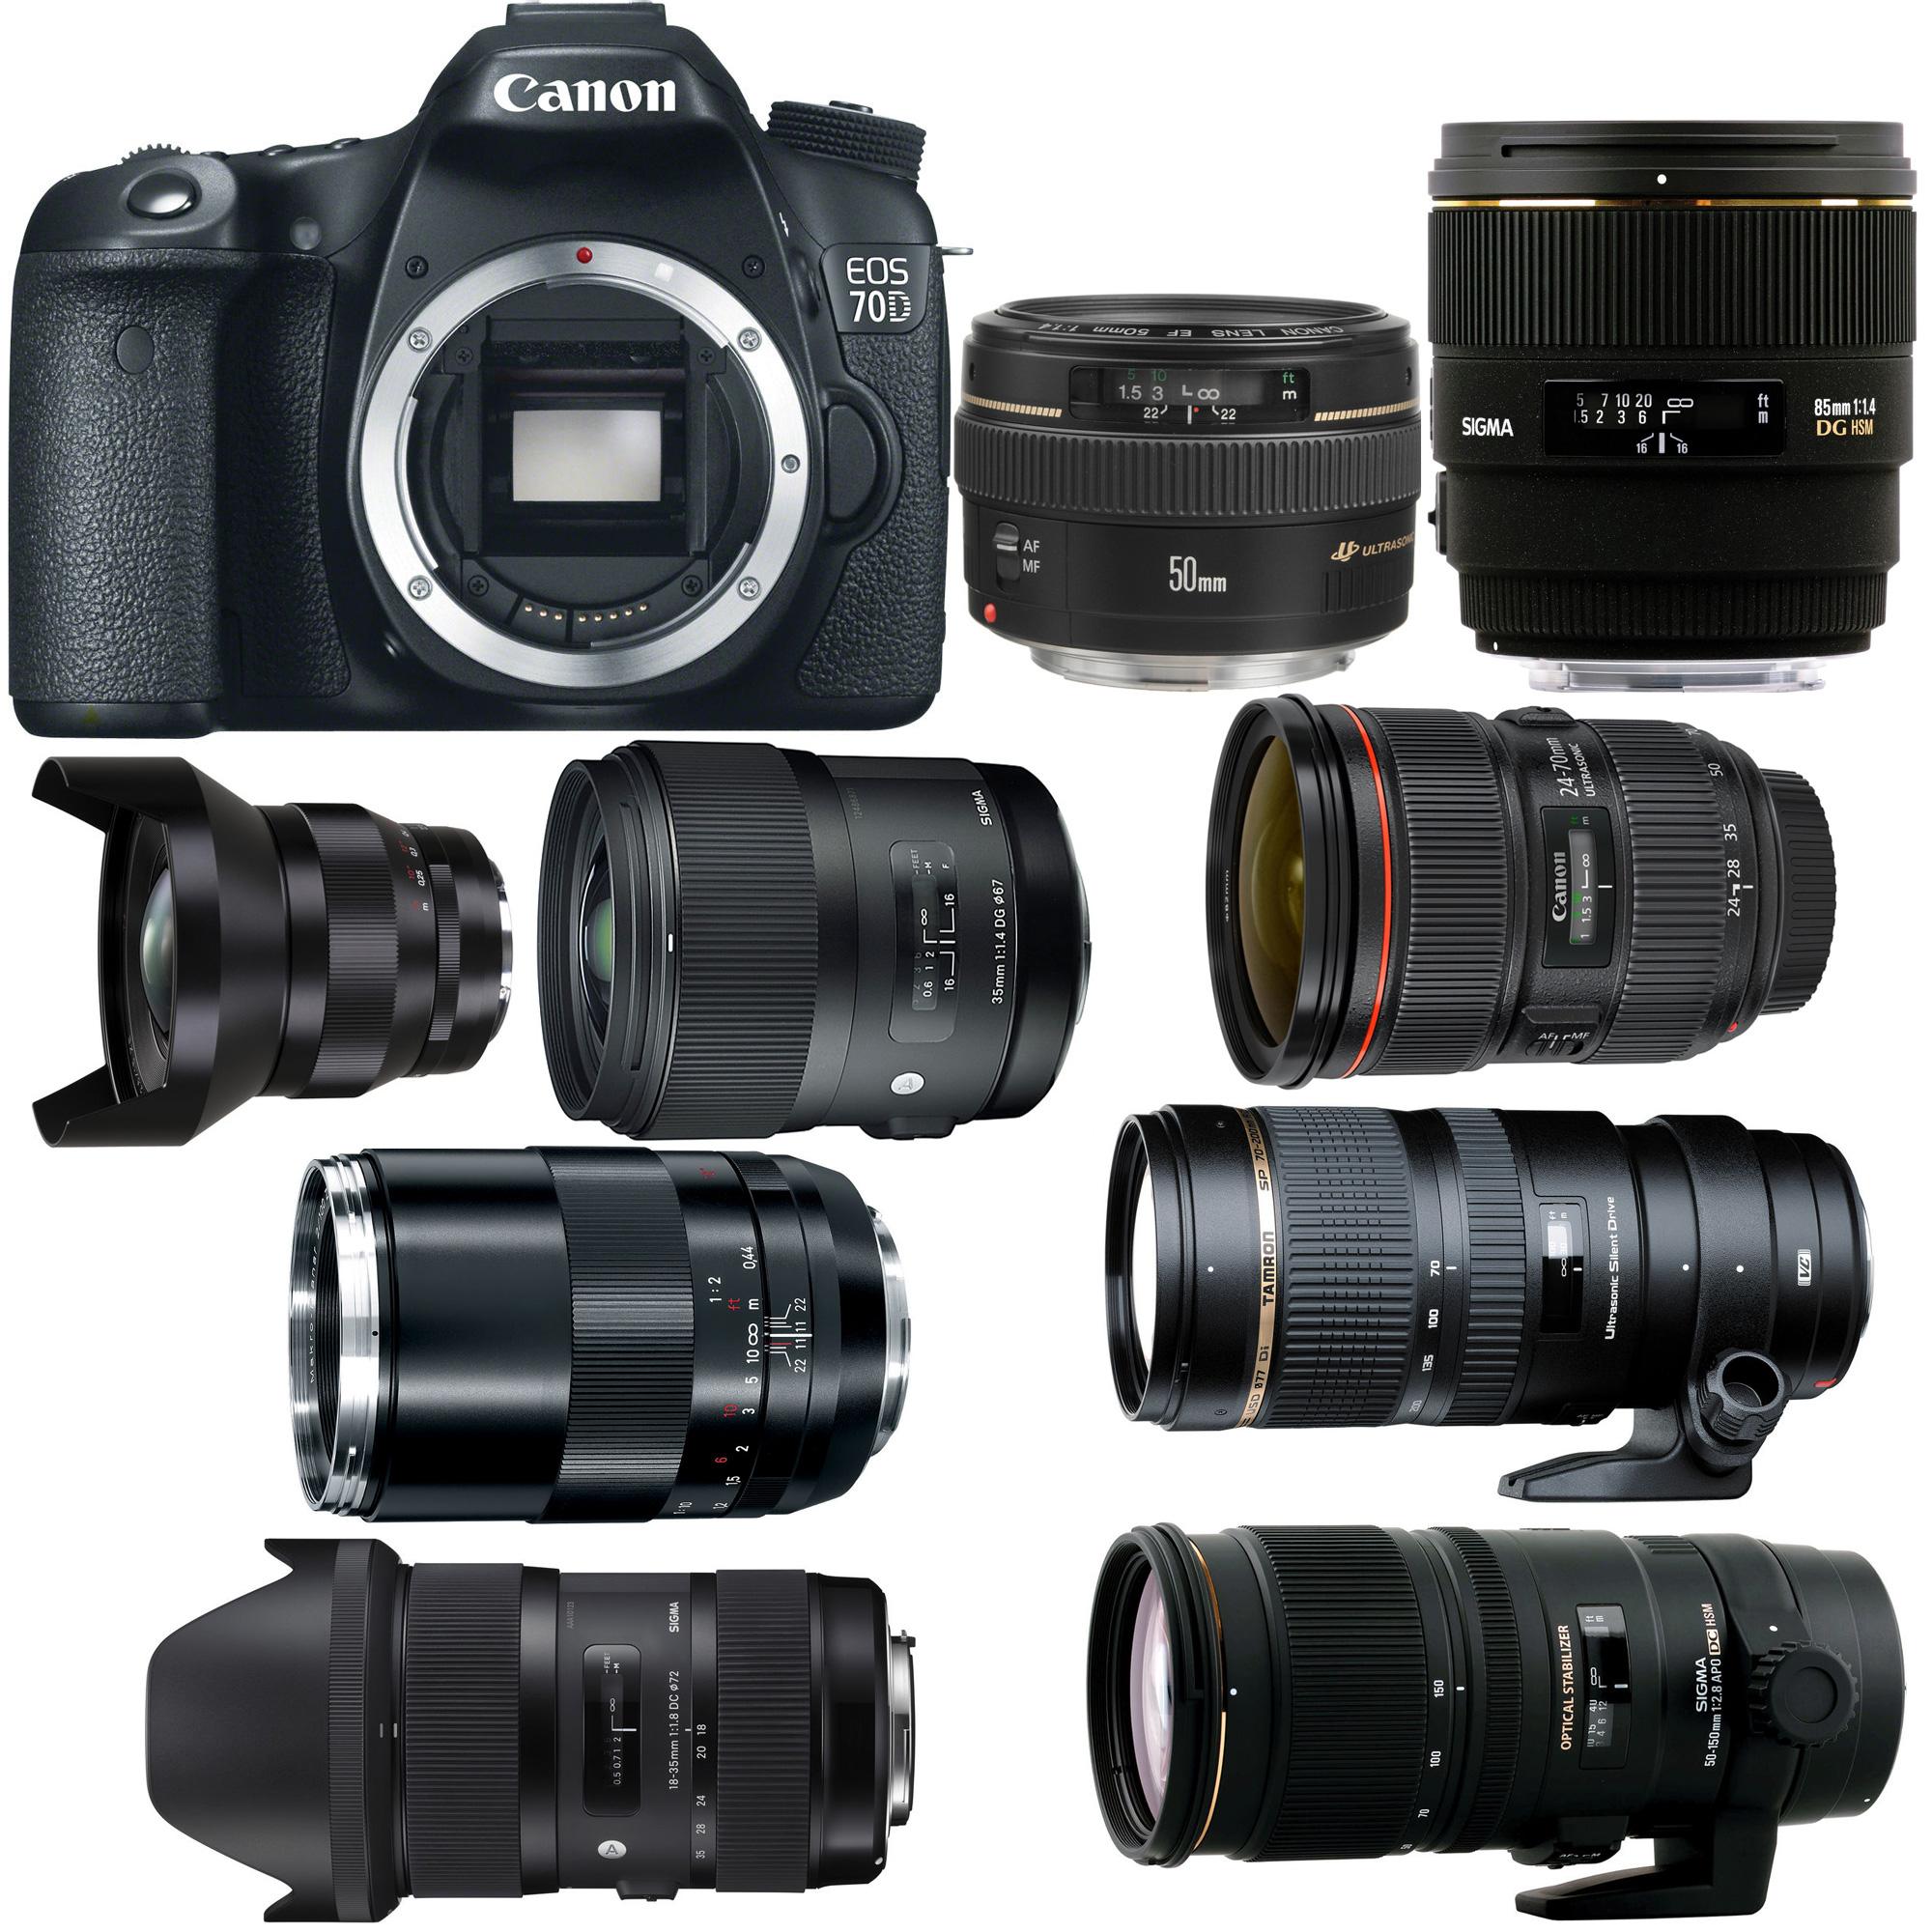 Cozy Canon Eos Camera News At Cameraegg Canon 70d Battery Amazon Canon 70d Amazon India Canon Eos Lenses Recommended Lenses dpreview Canon 70d Amazon